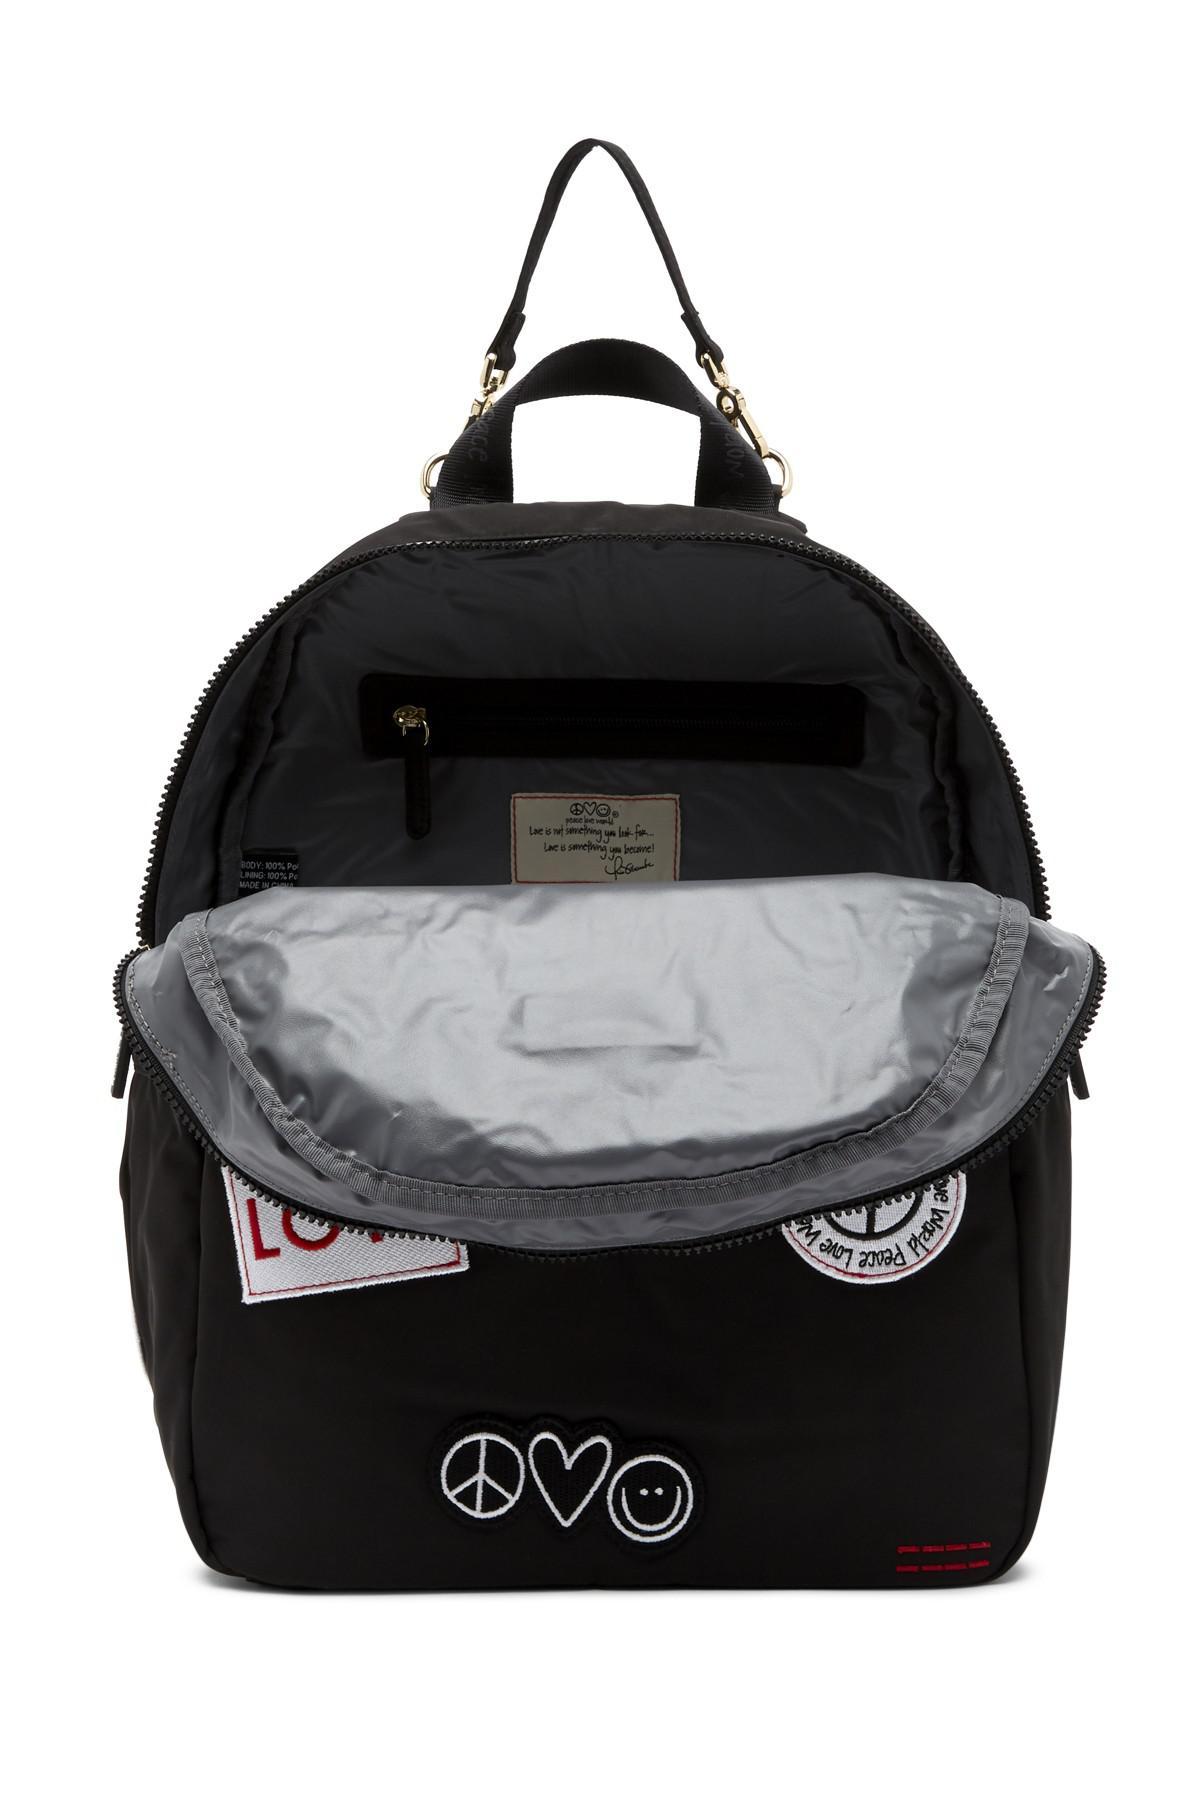 728f79ee0980 Camo Backpack Amazon- Fenix Toulouse Handball